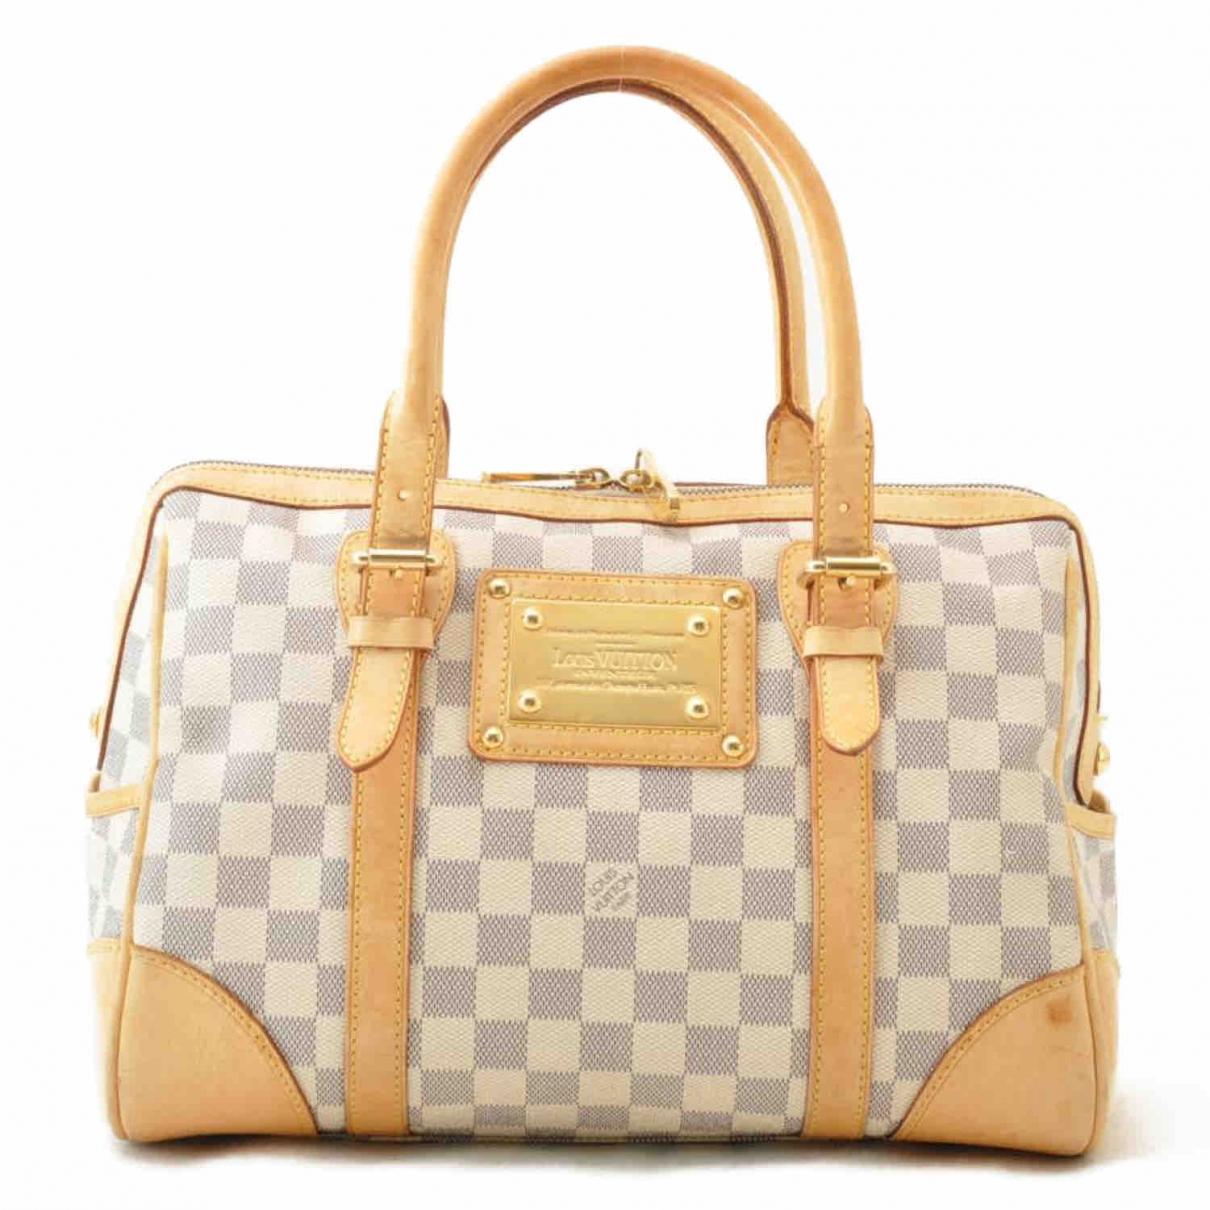 Louis Vuitton Berkeley Handtasche in  Blau Leinen